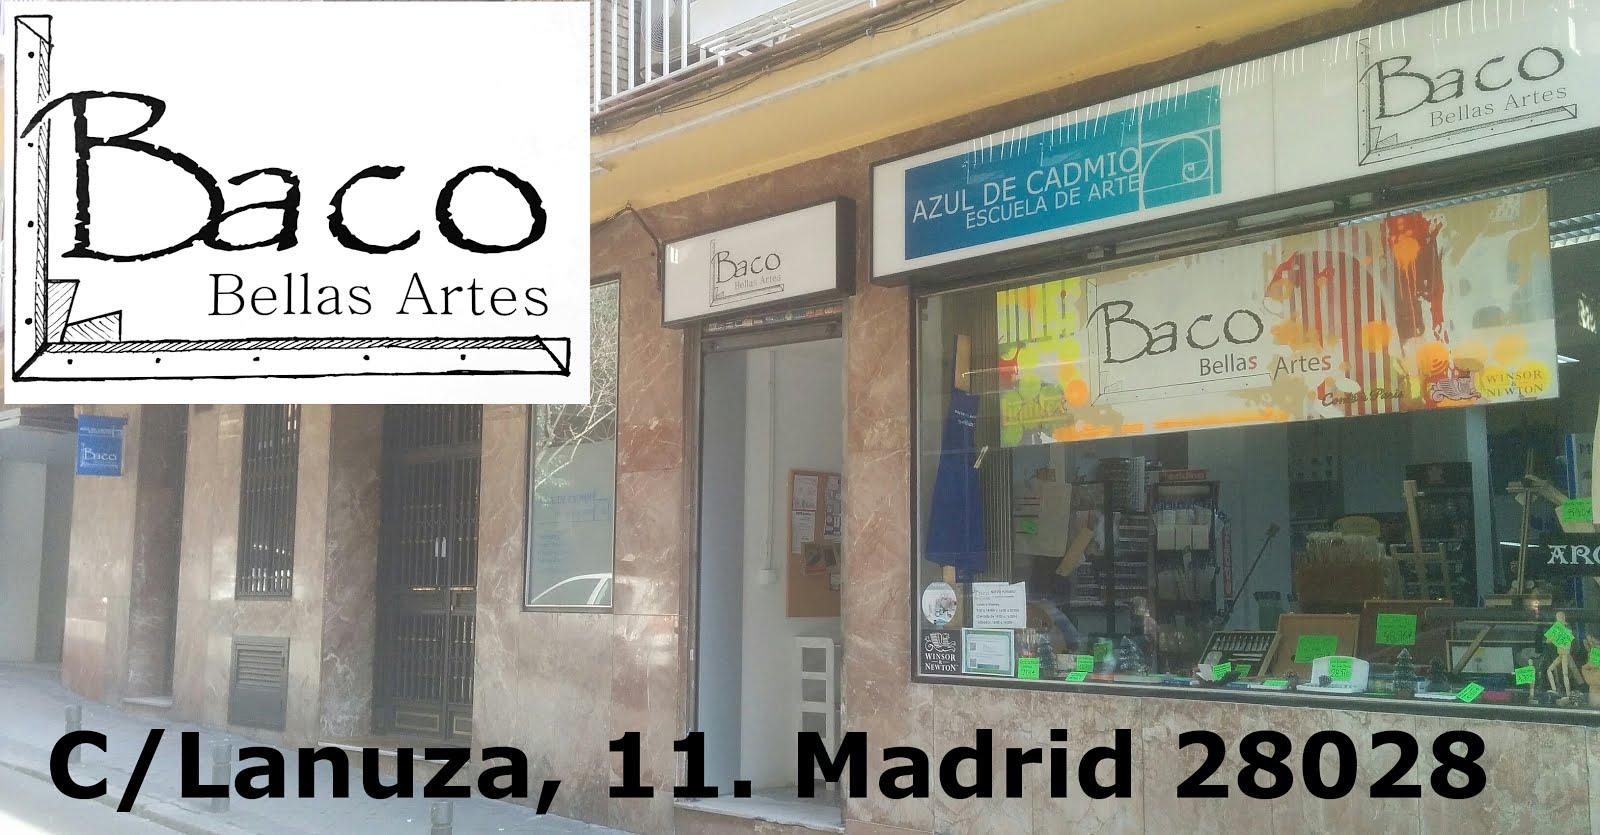 BACO BELLAS ARTES. Tu tienda de Bellas Artes